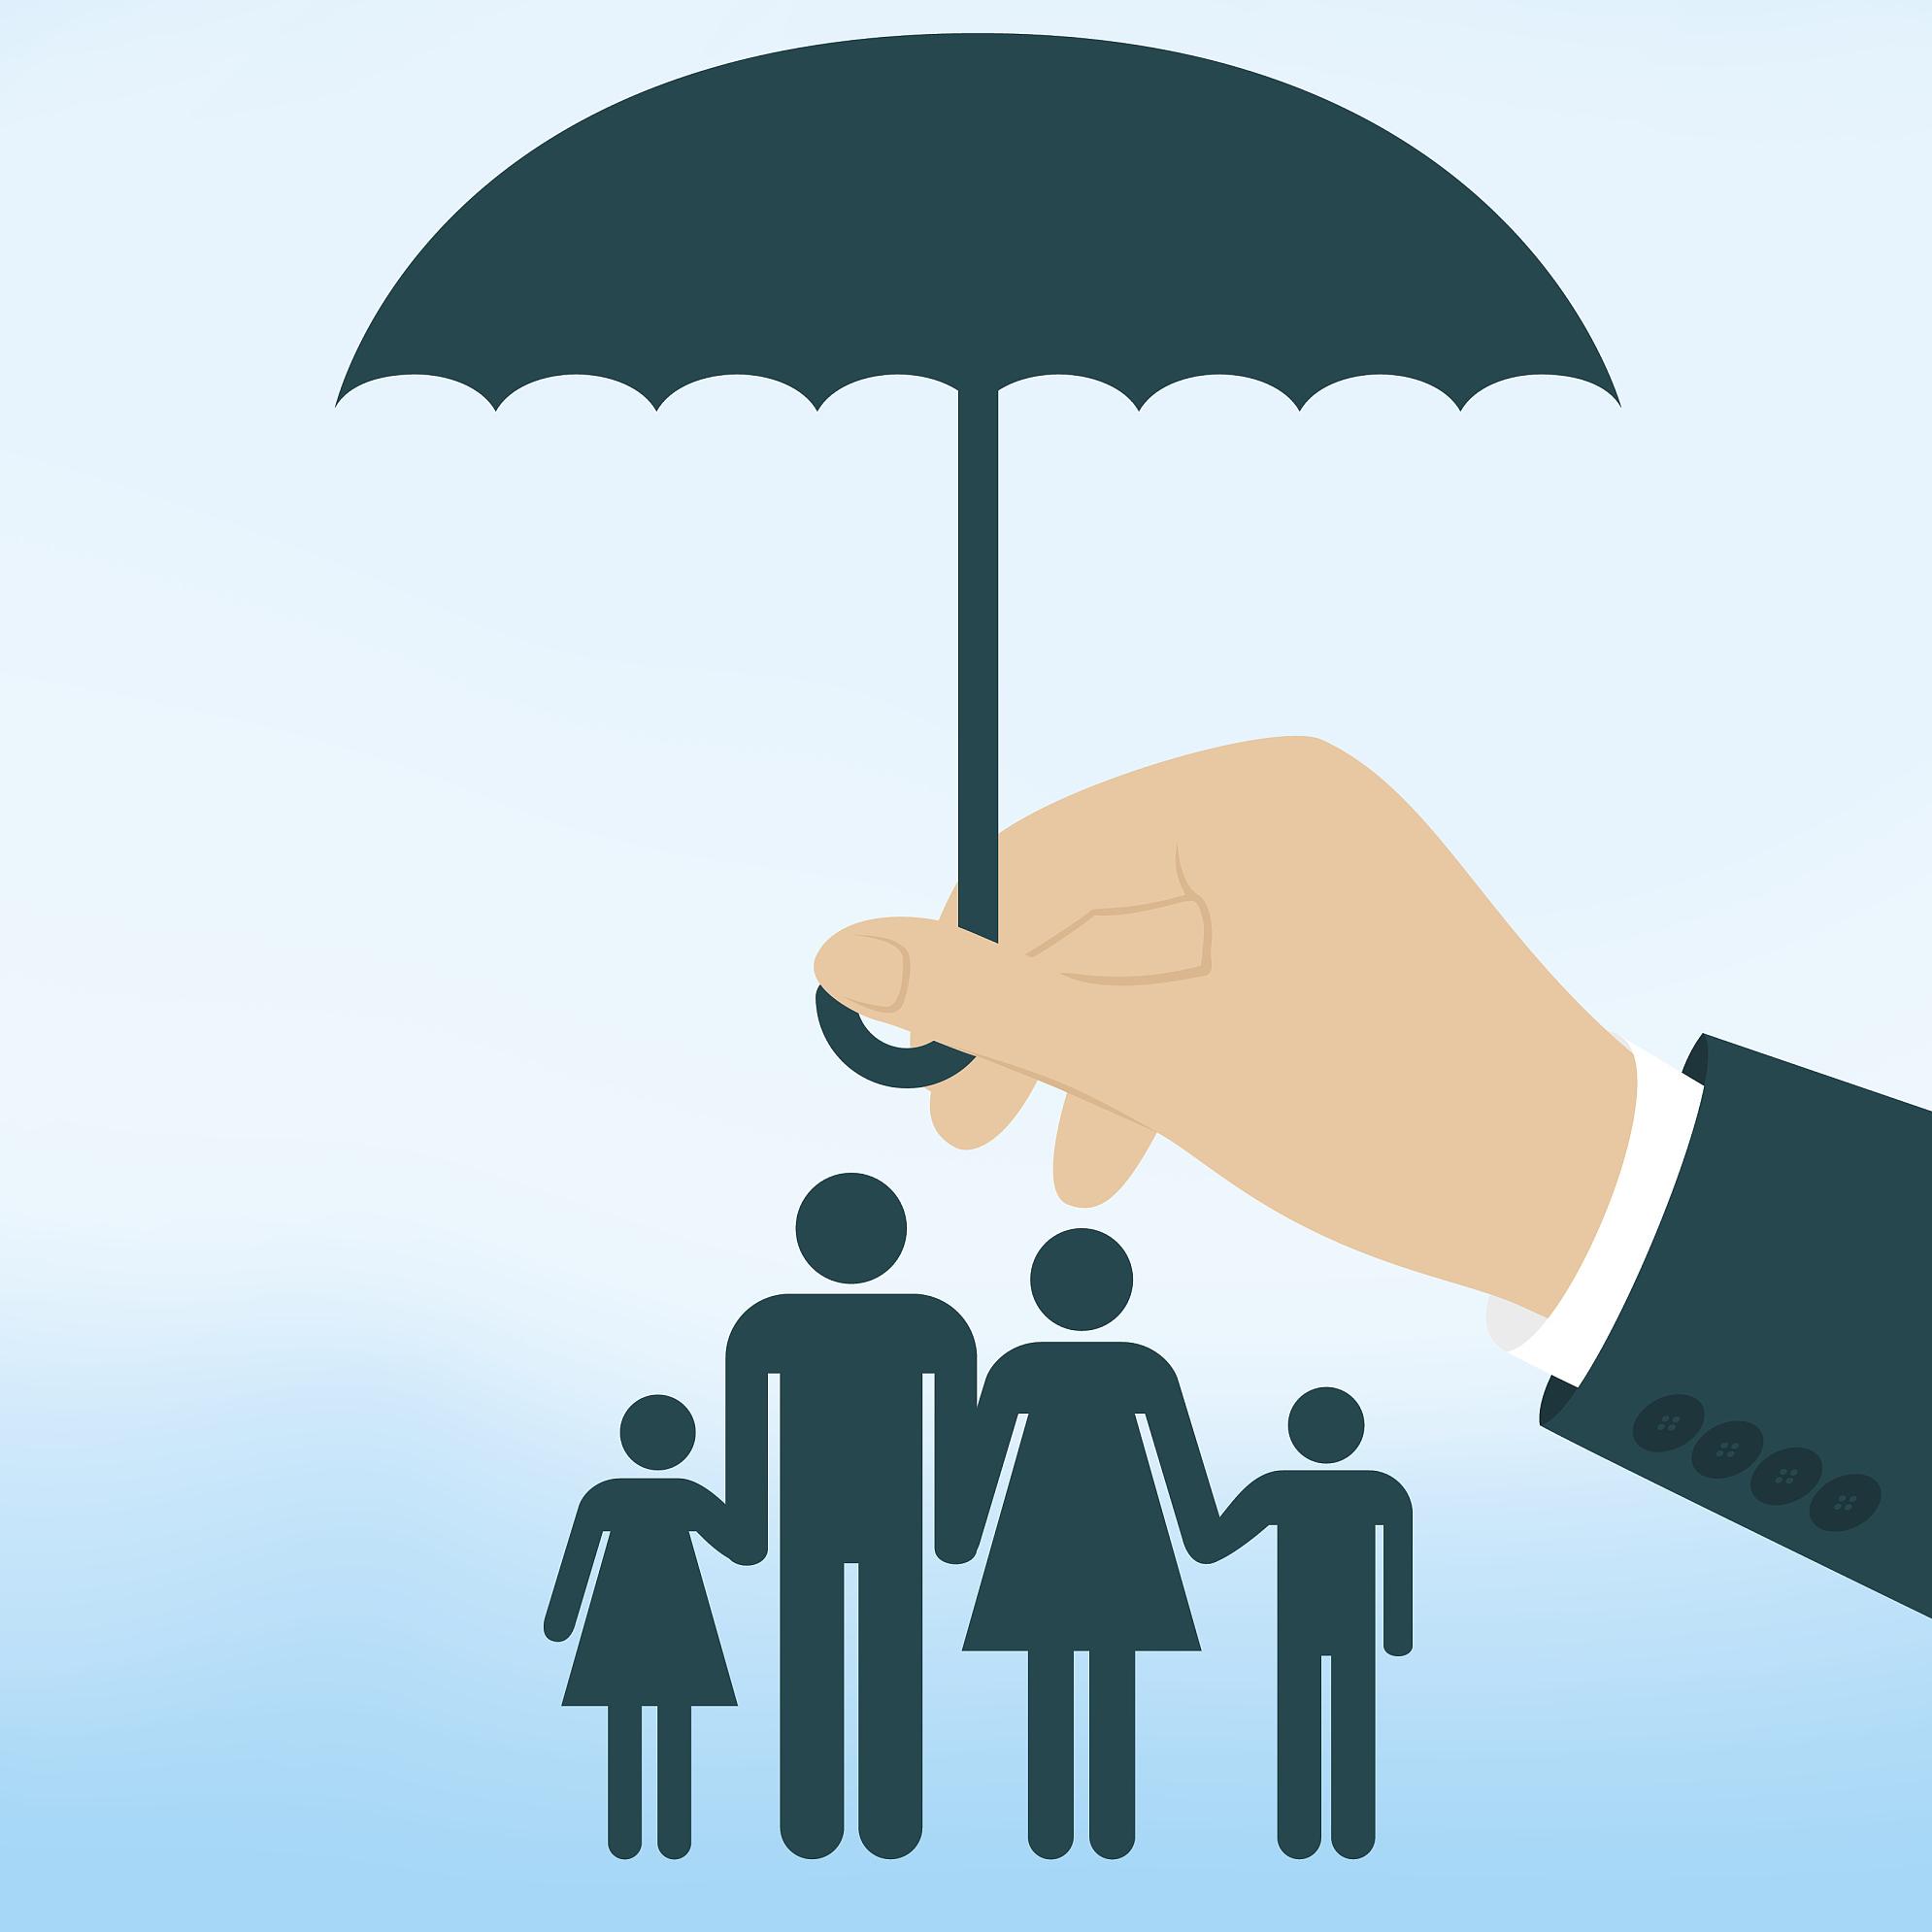 灵活就业人员社保缴费标准调整了